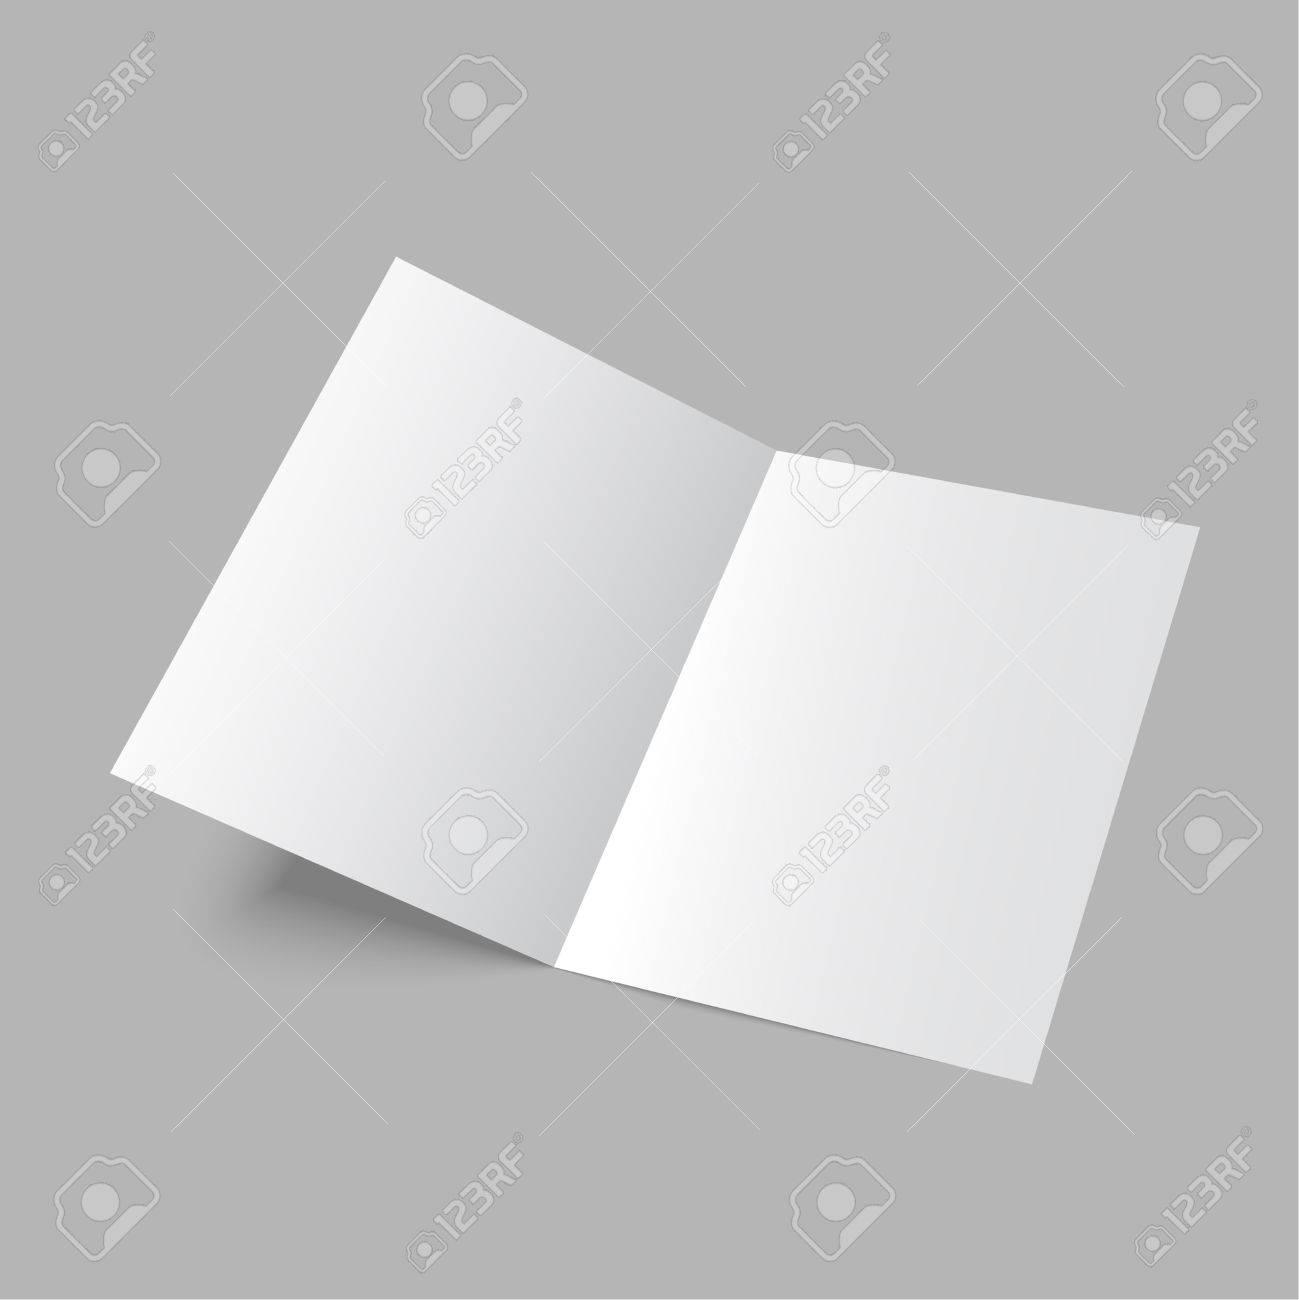 Liegen Zwei Leere Papier Falten Broschüre Auf Grauem Hintergrund ...